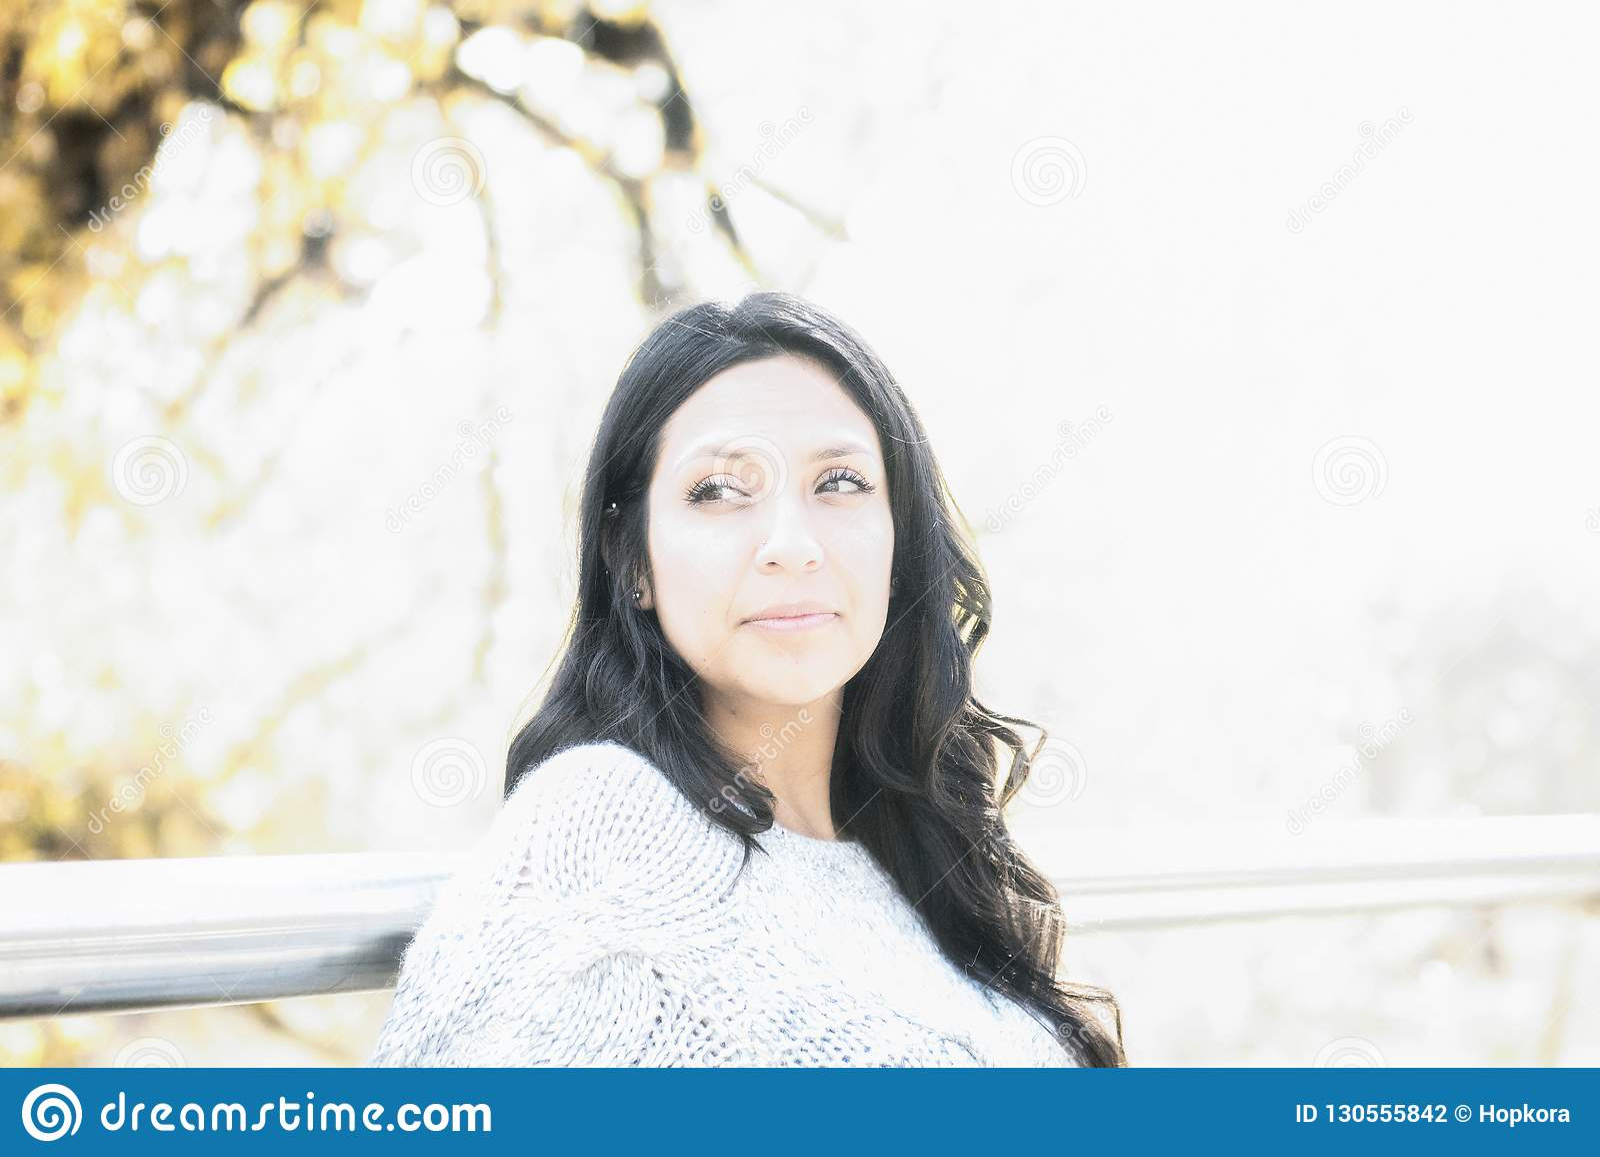 Hispanos milenarios jovenes hermosos, indio americano, retrato multirracial de la mujer joven